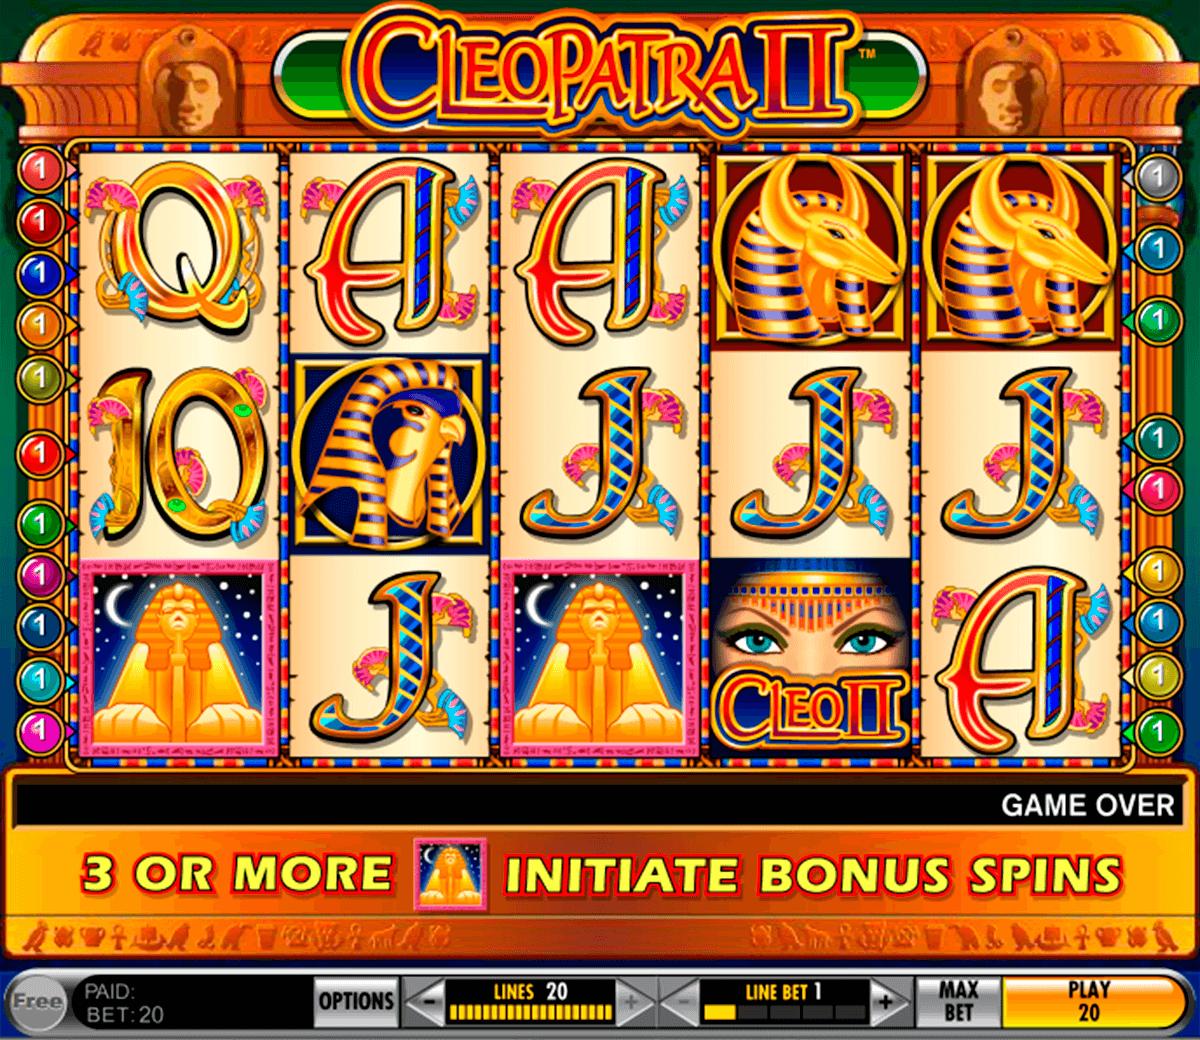 Maquinas tragamonedas cleopatra jugar con Ecuador-806138